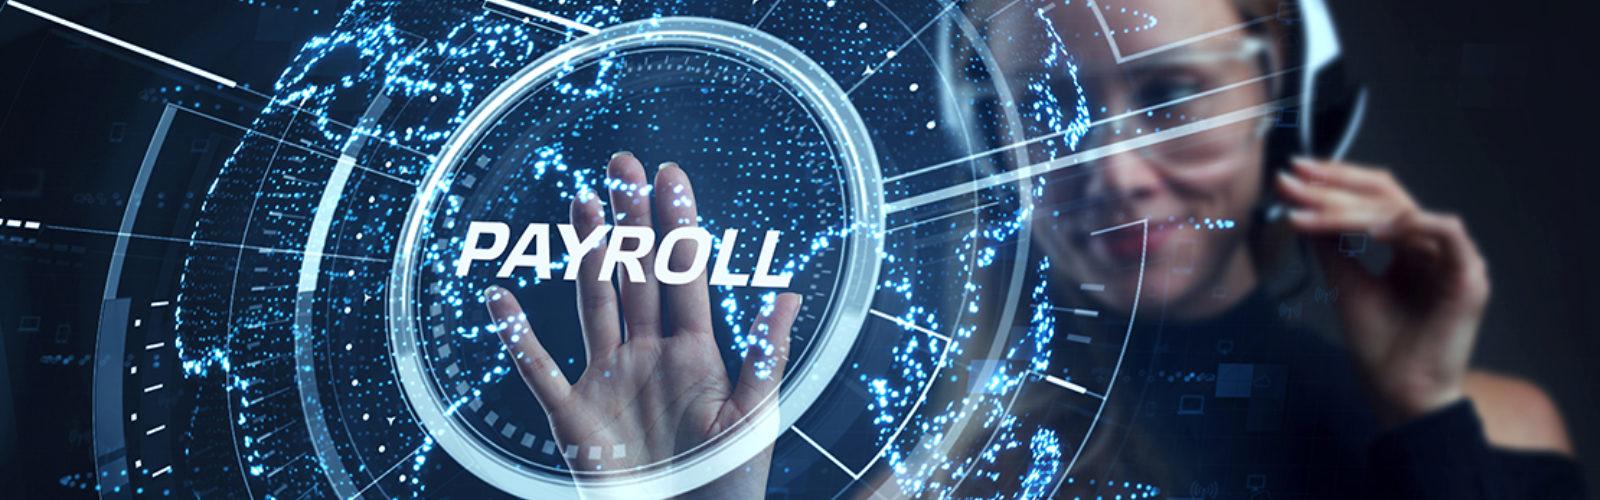 payroll technology(bs405023648).jpg